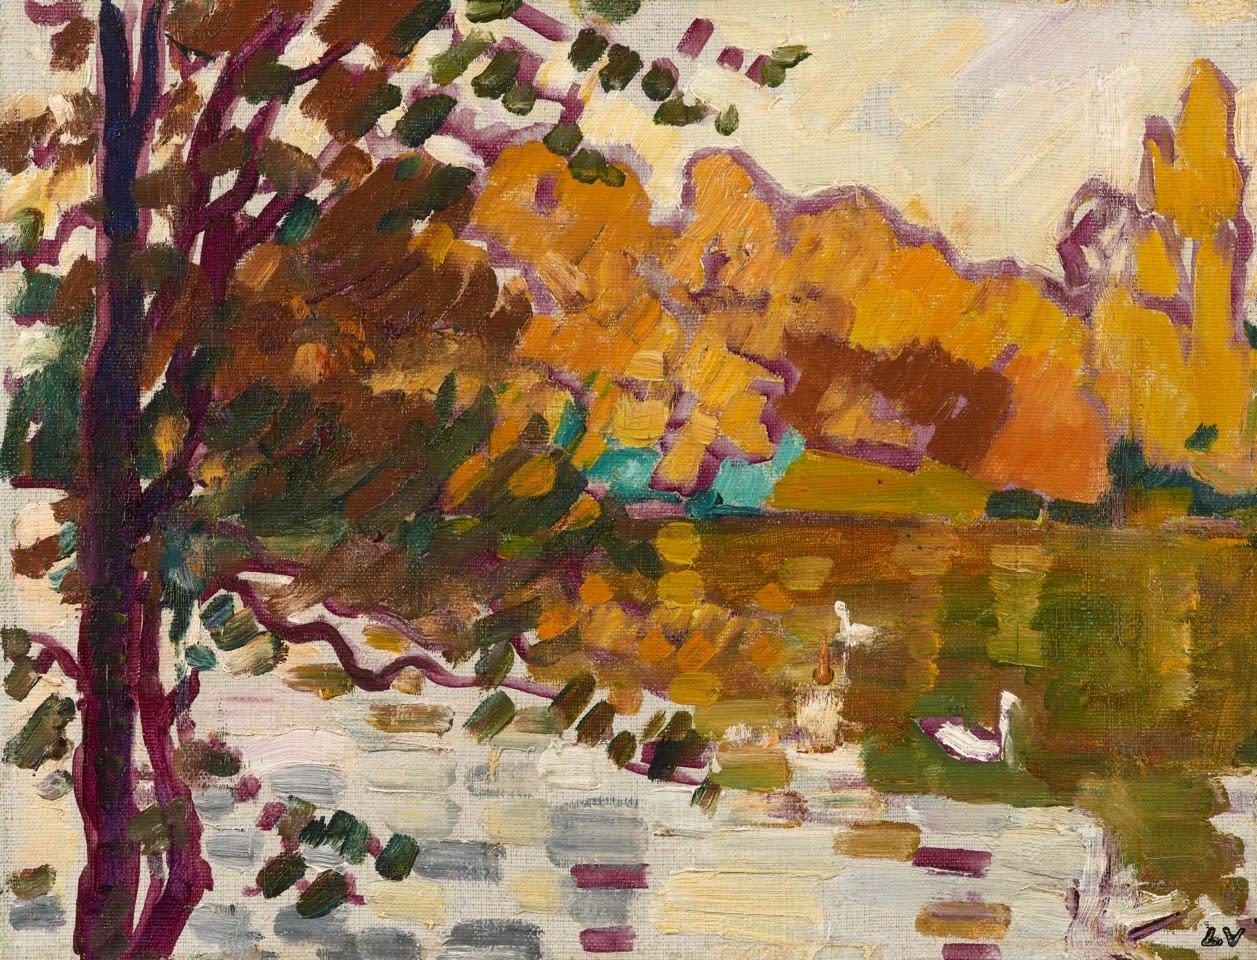 <span class=&#34;link fancybox-details-link&#34;><a href=&#34;/artists/78-louis-valtat/works/9425-louis-valtat-cygnes-au-bois-de-boulogne-1935/&#34;>View Detail Page</a></span><div class=&#34;artist&#34;><span class=&#34;artist&#34;><strong>Louis Valtat</strong></span></div><div class=&#34;title&#34;><em>Cygnes au Bois de Boulogne</em>, 1935</div><div class=&#34;signed_and_dated&#34;>Stamped with initials lower right LV</div><div class=&#34;medium&#34;>Oil on canvas</div><div class=&#34;dimensions&#34;>27 x 35 cm<br /> 10 5/8 x 13 ¾ inches</div>